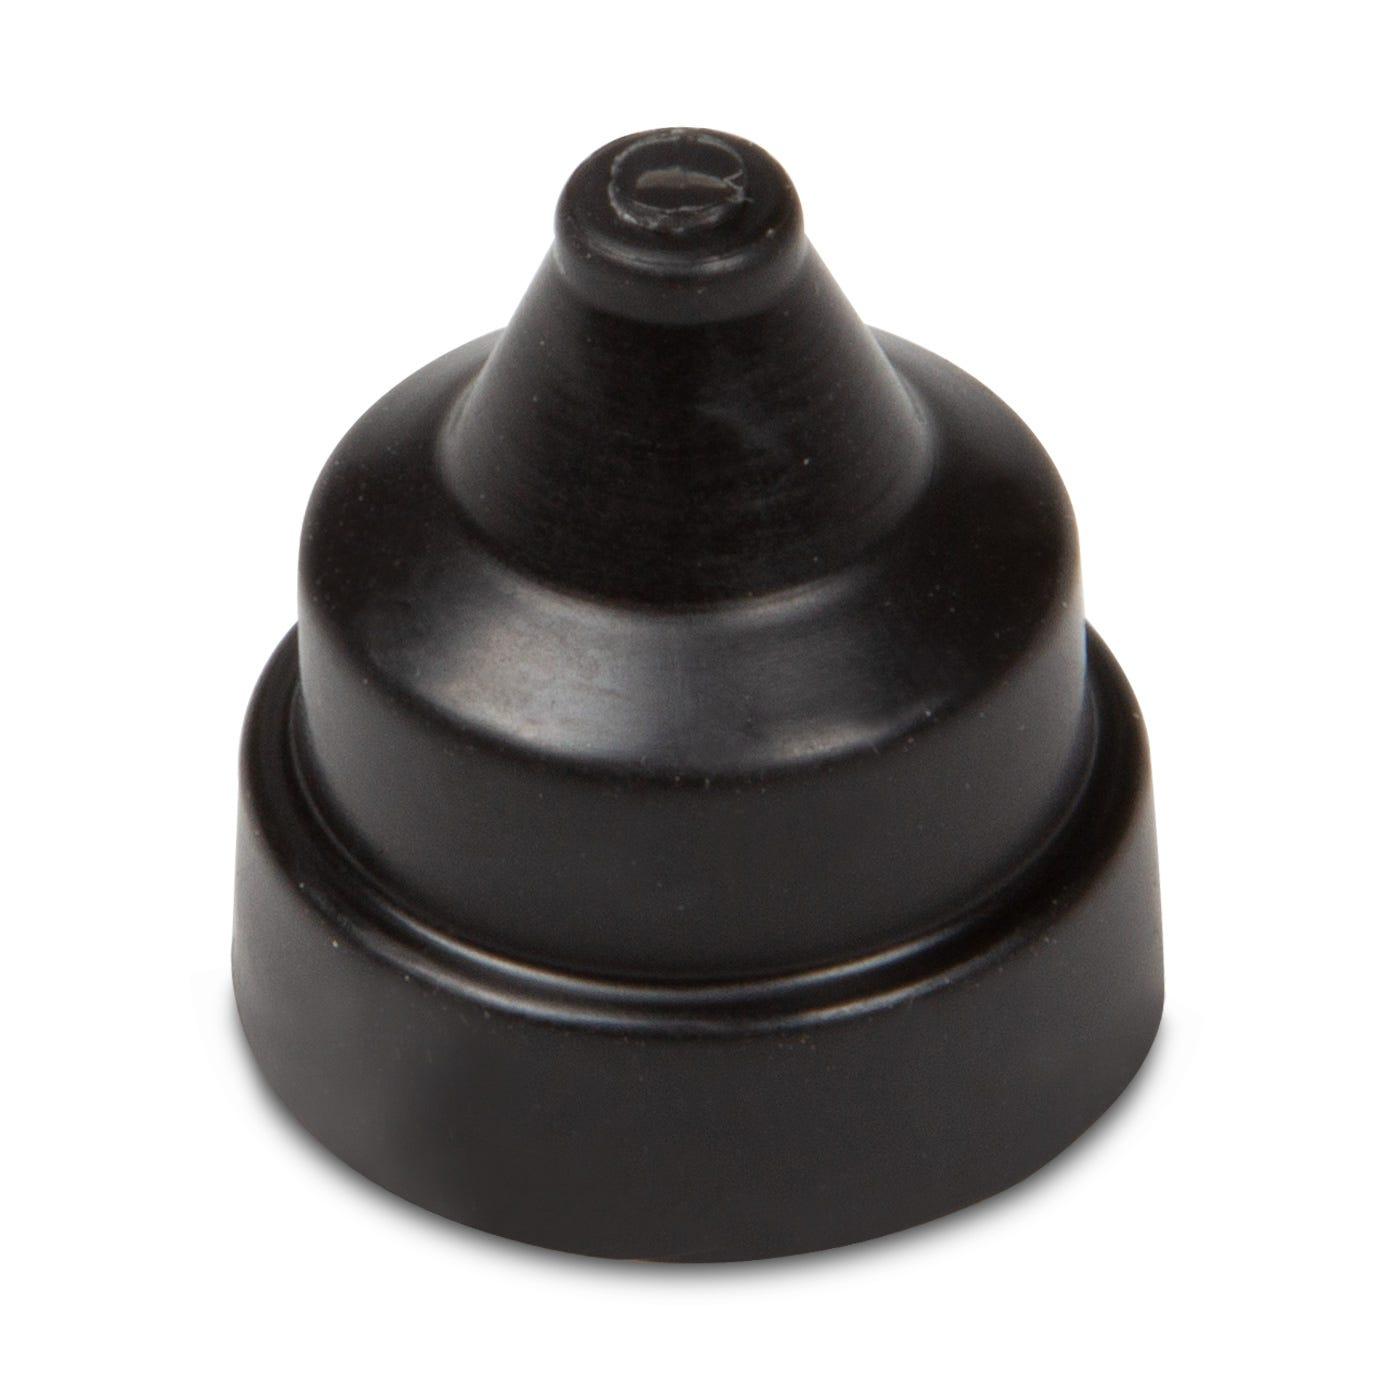 Dental Curing Lights - FLASHlite Magna  4.0 Tacking Tips